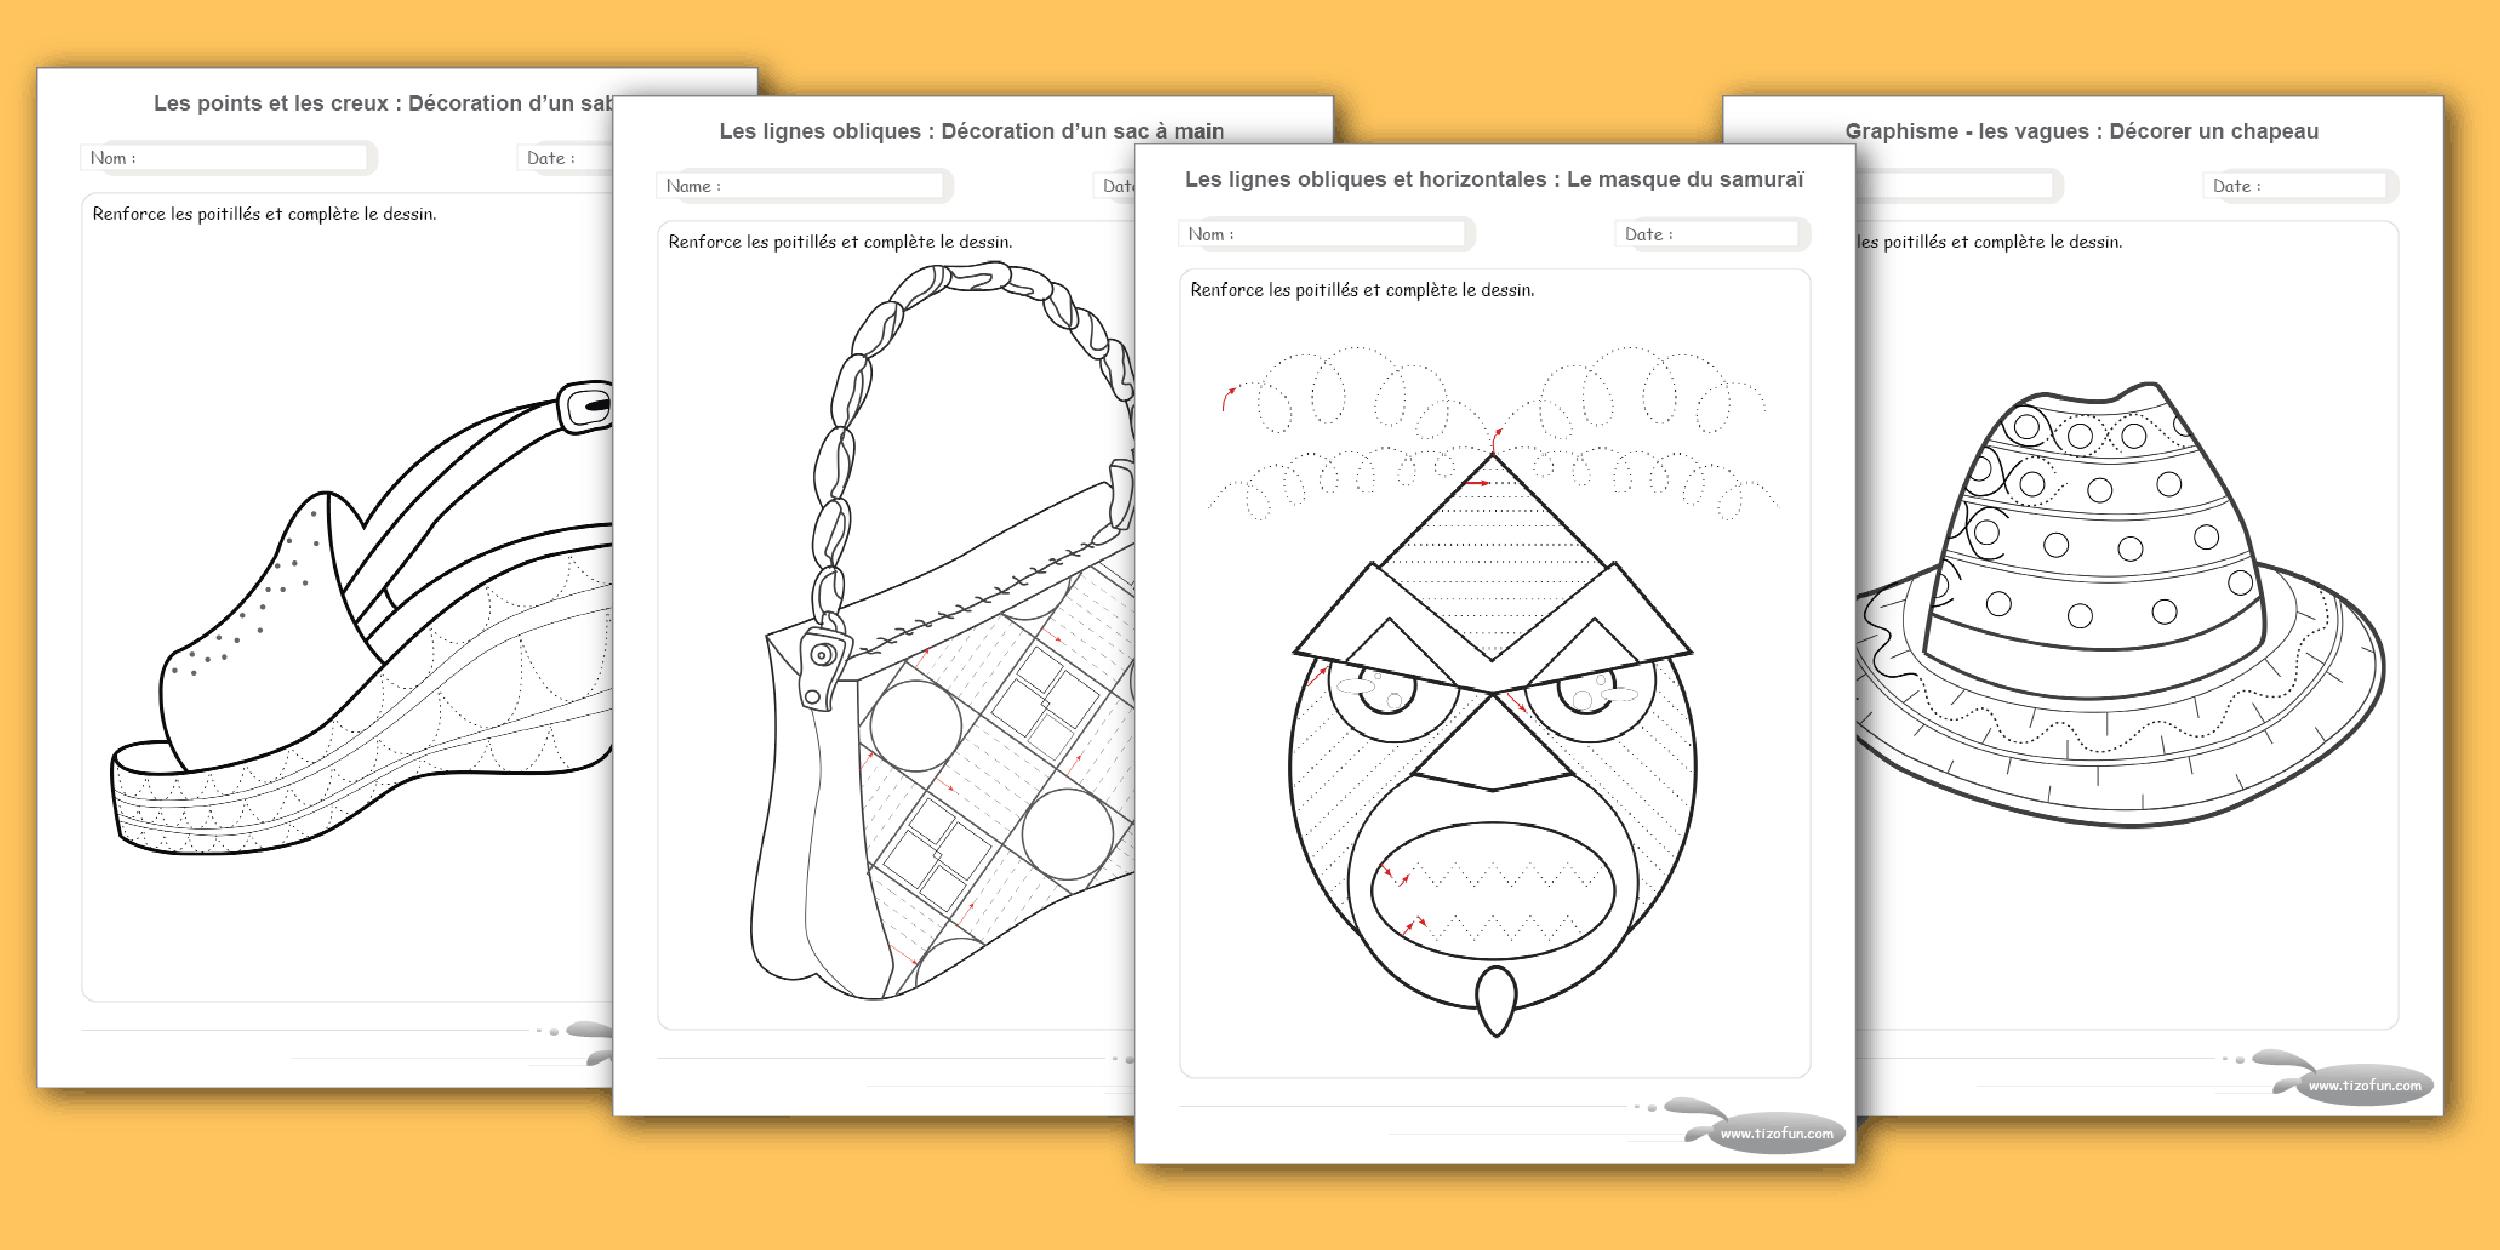 Exercices Maternelle Motricité Fine Par Le Dessin A Imprimer concernant Graphisme Les Vagues Moyenne Section